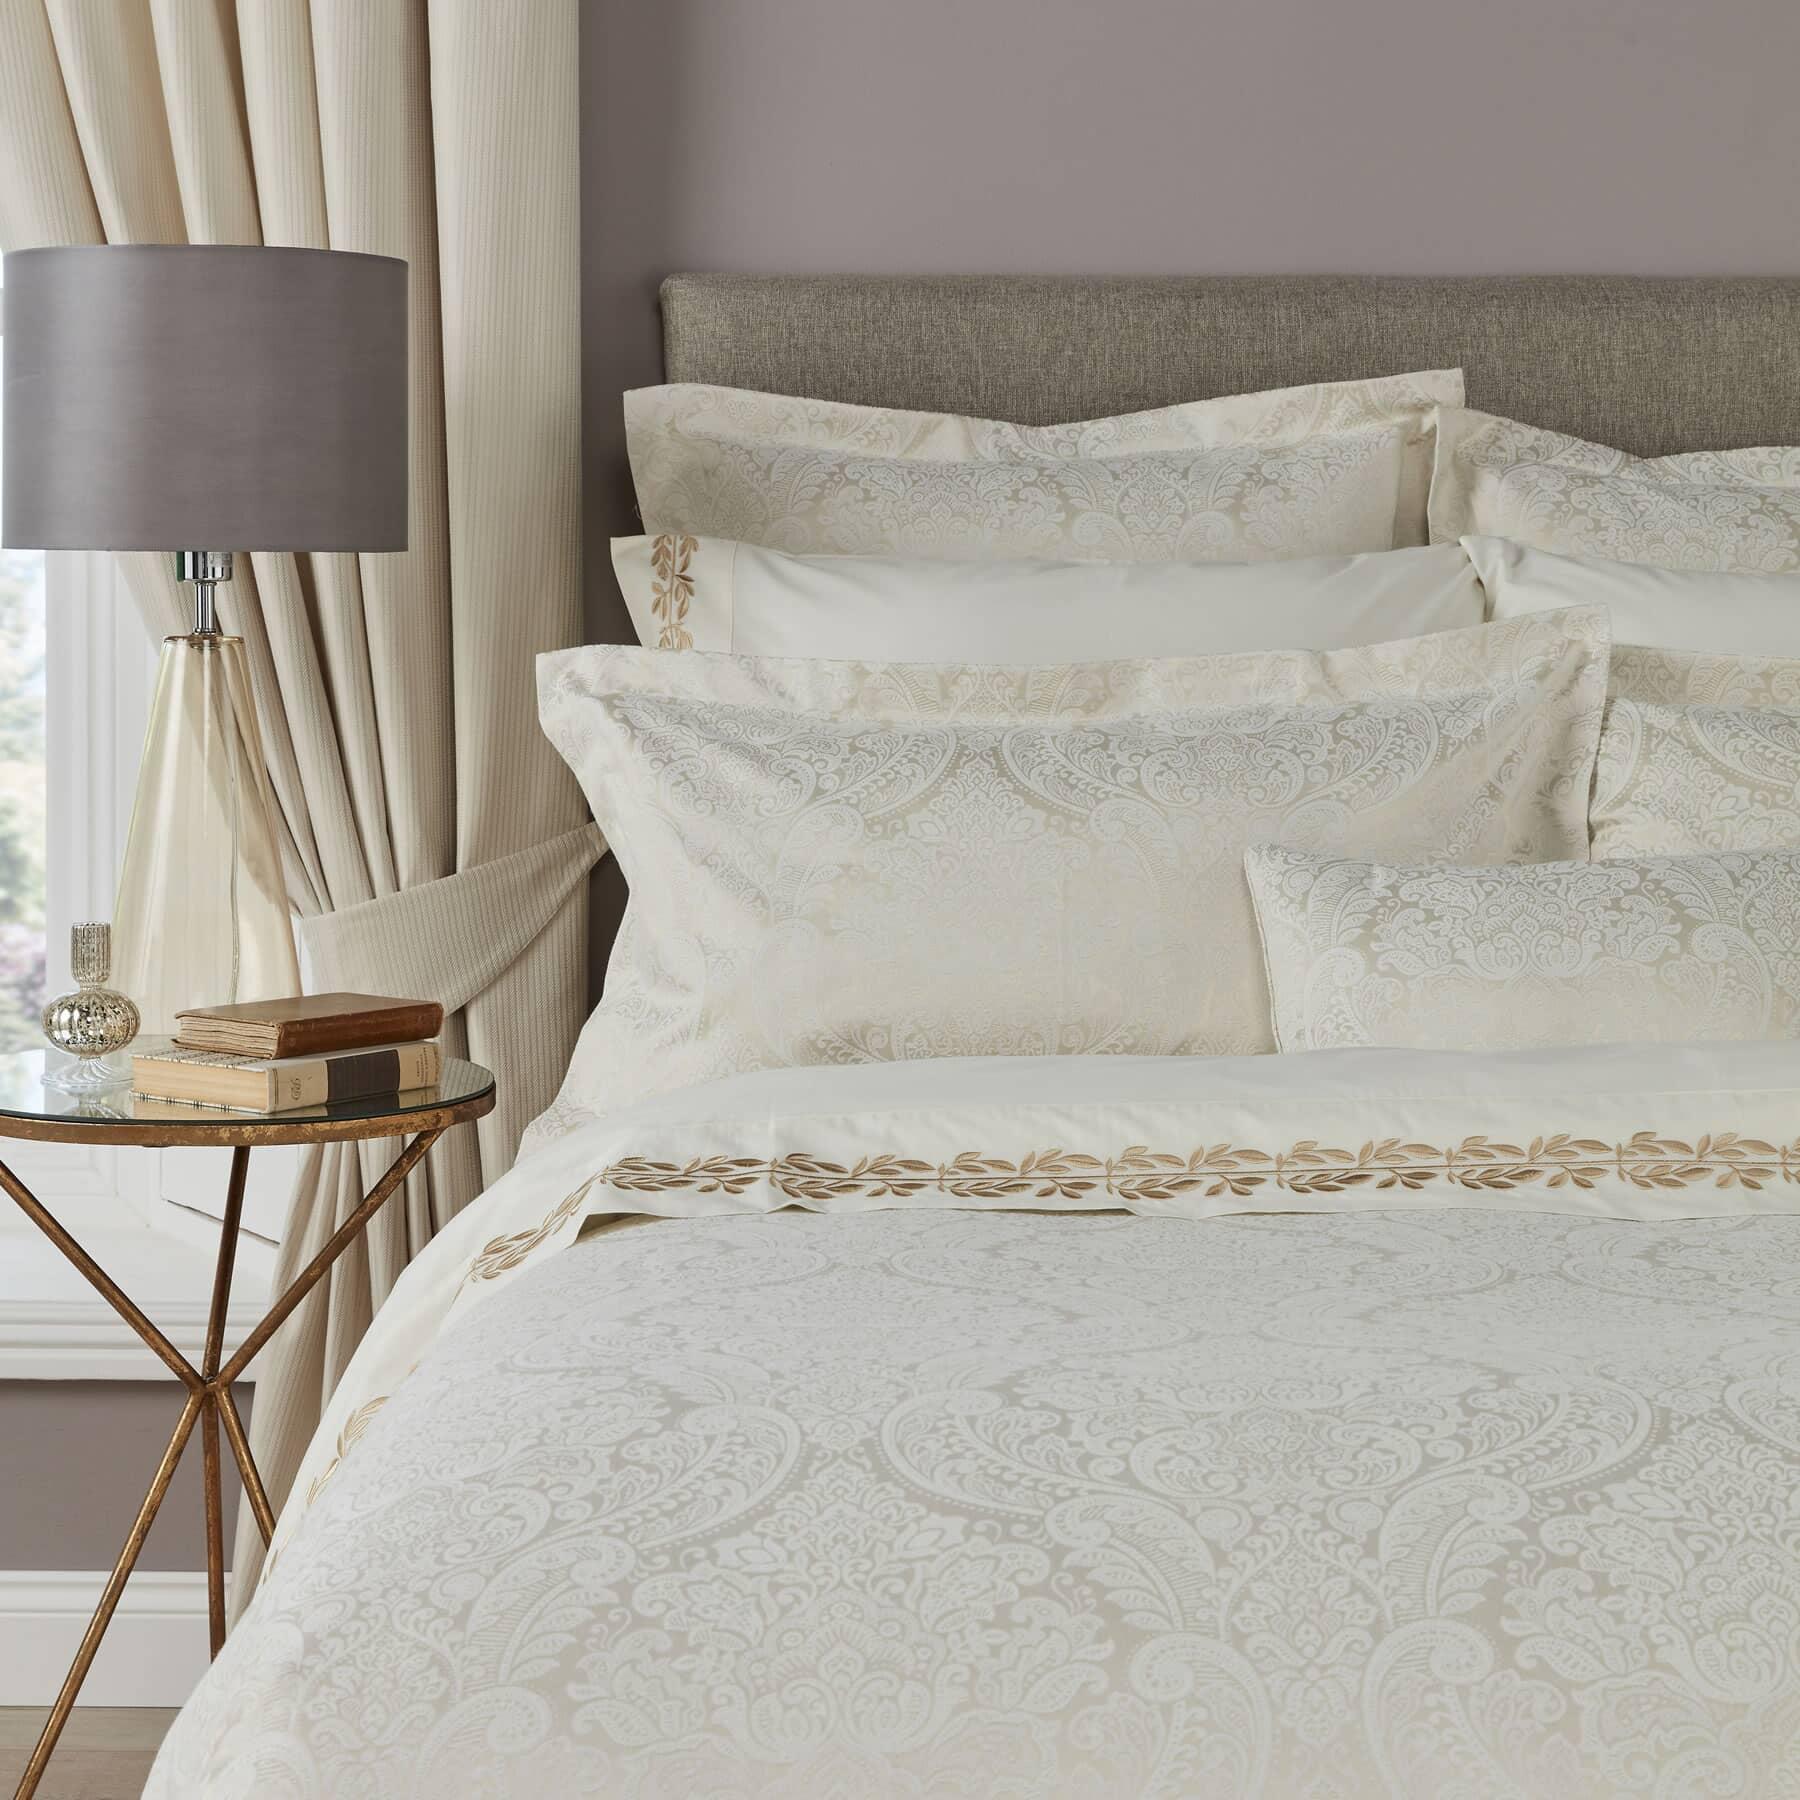 Christy Alderley Single Bedspread In